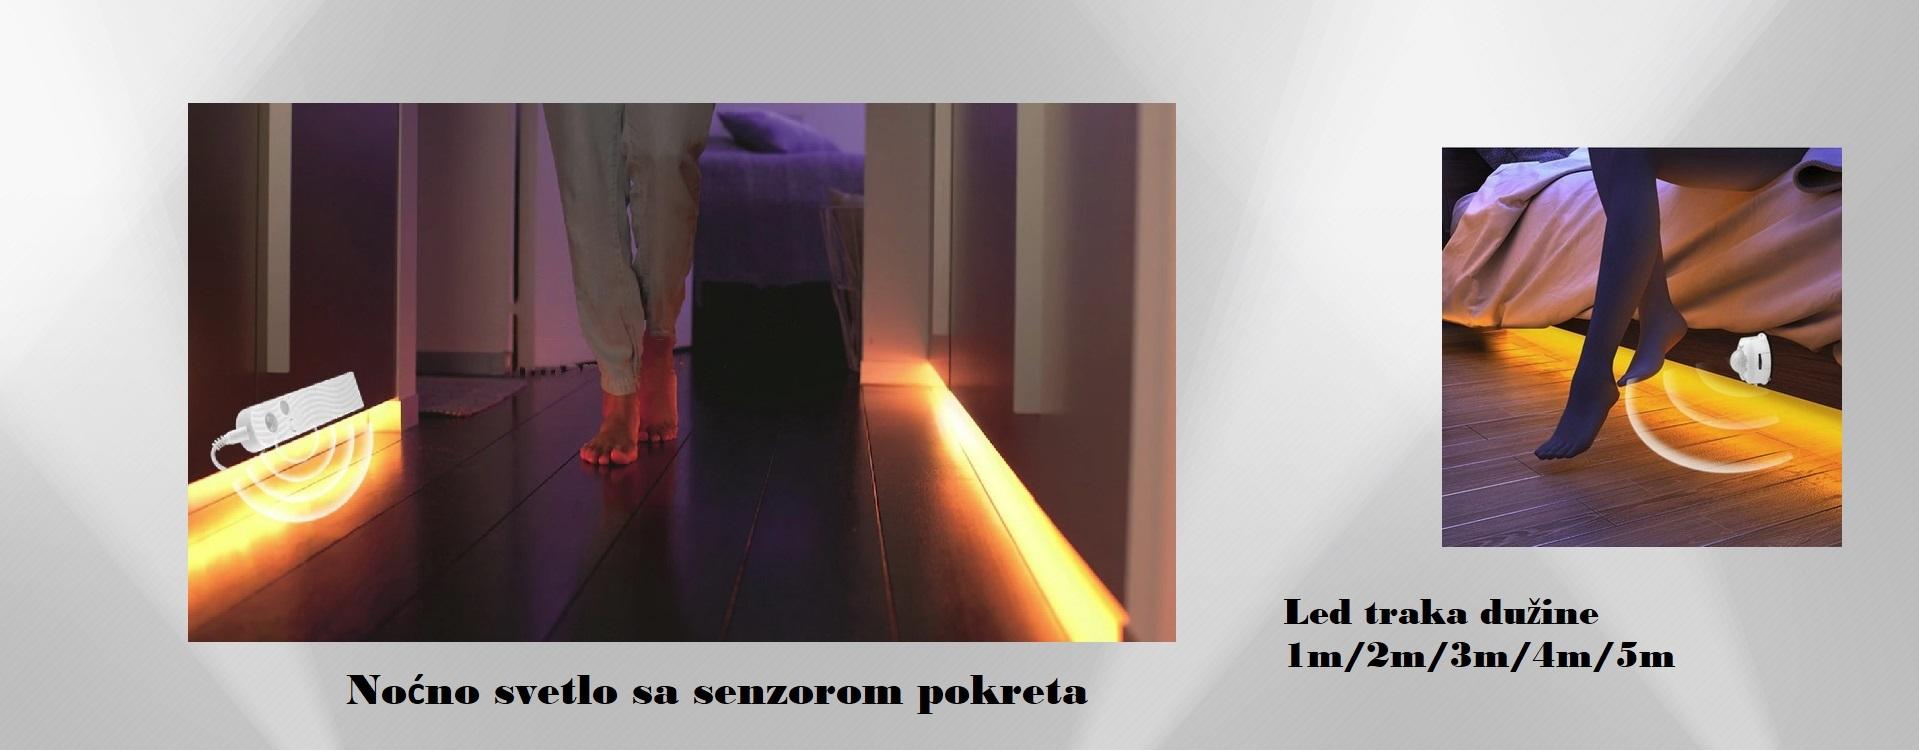 slajder-za-osvetlenje